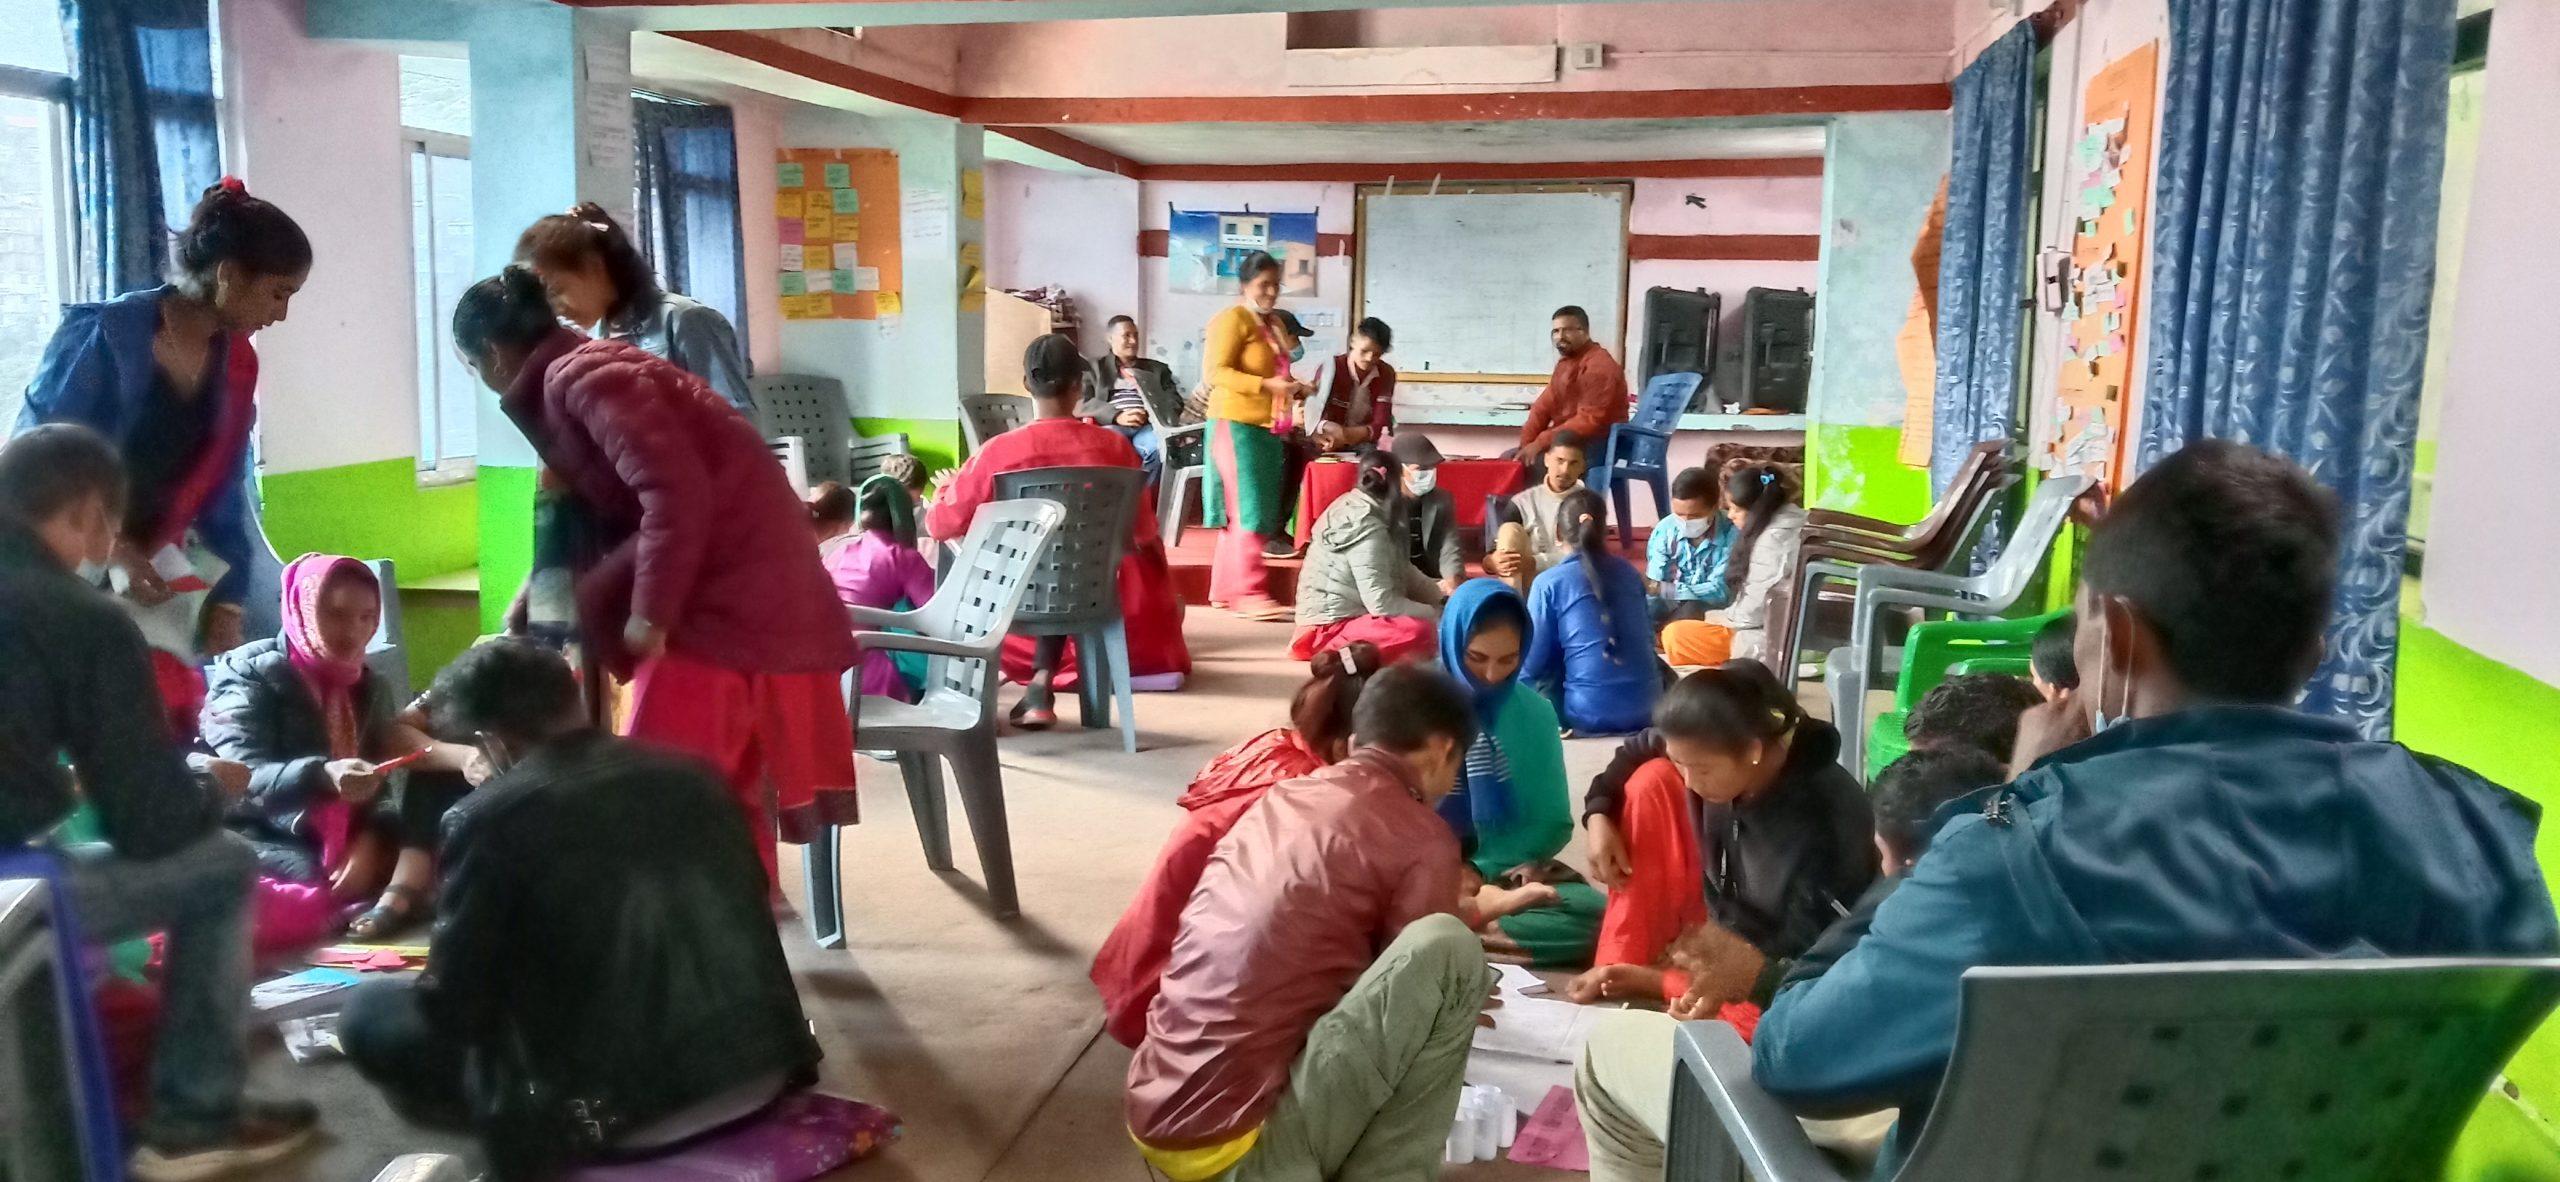 युवाहरूलाई उद्यमशिलता सम्बन्धि तालिम